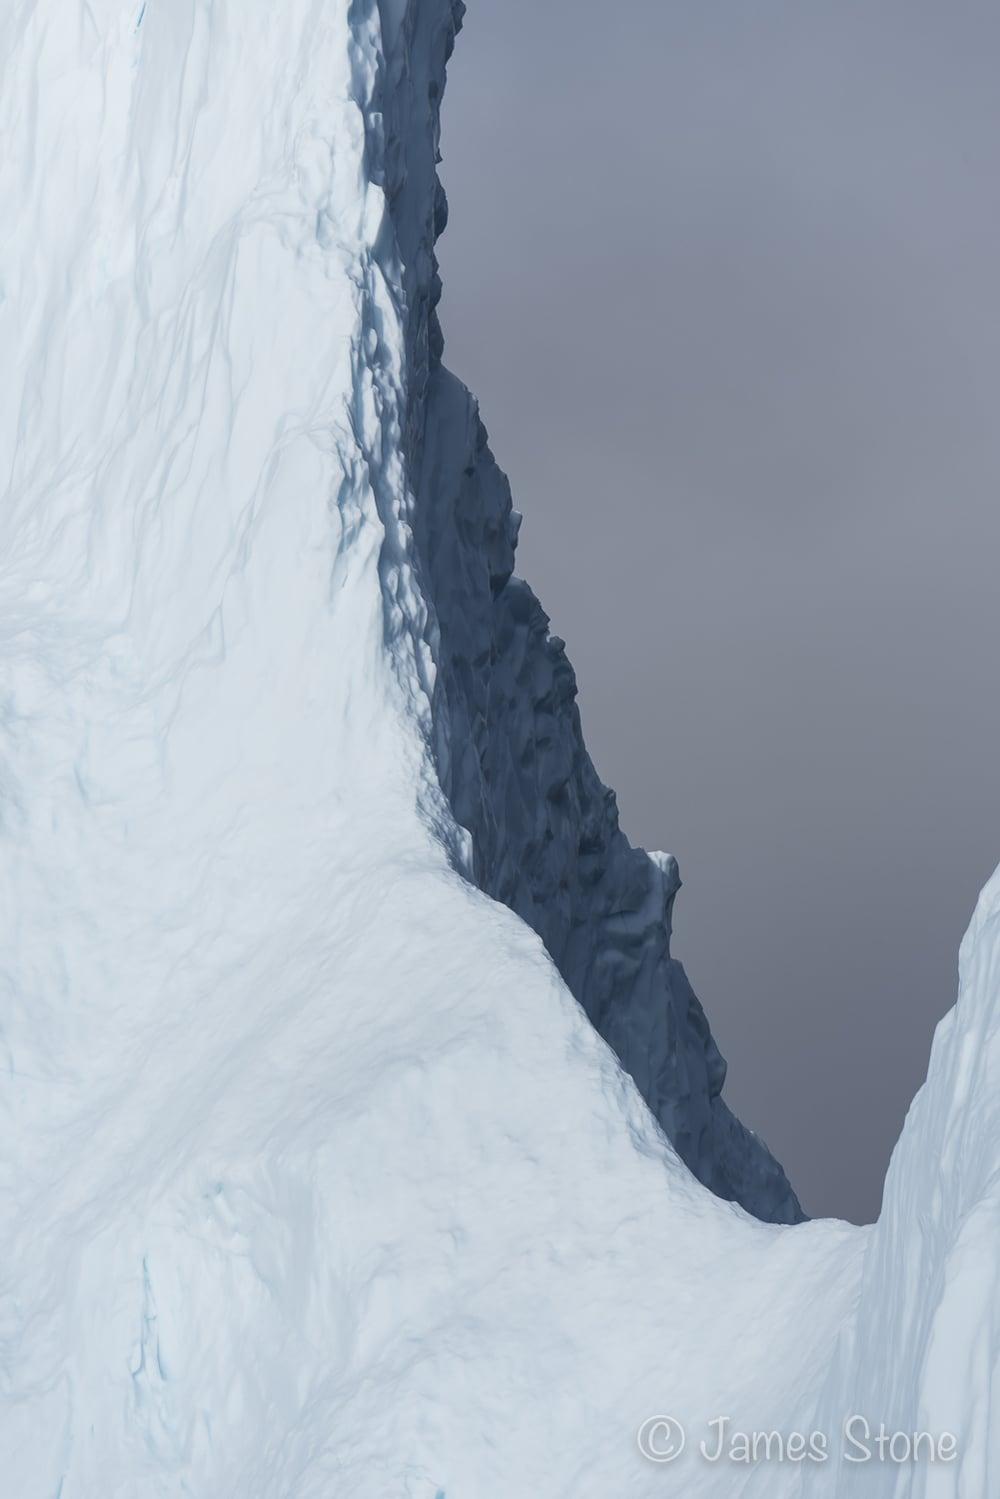 Berg ridges3